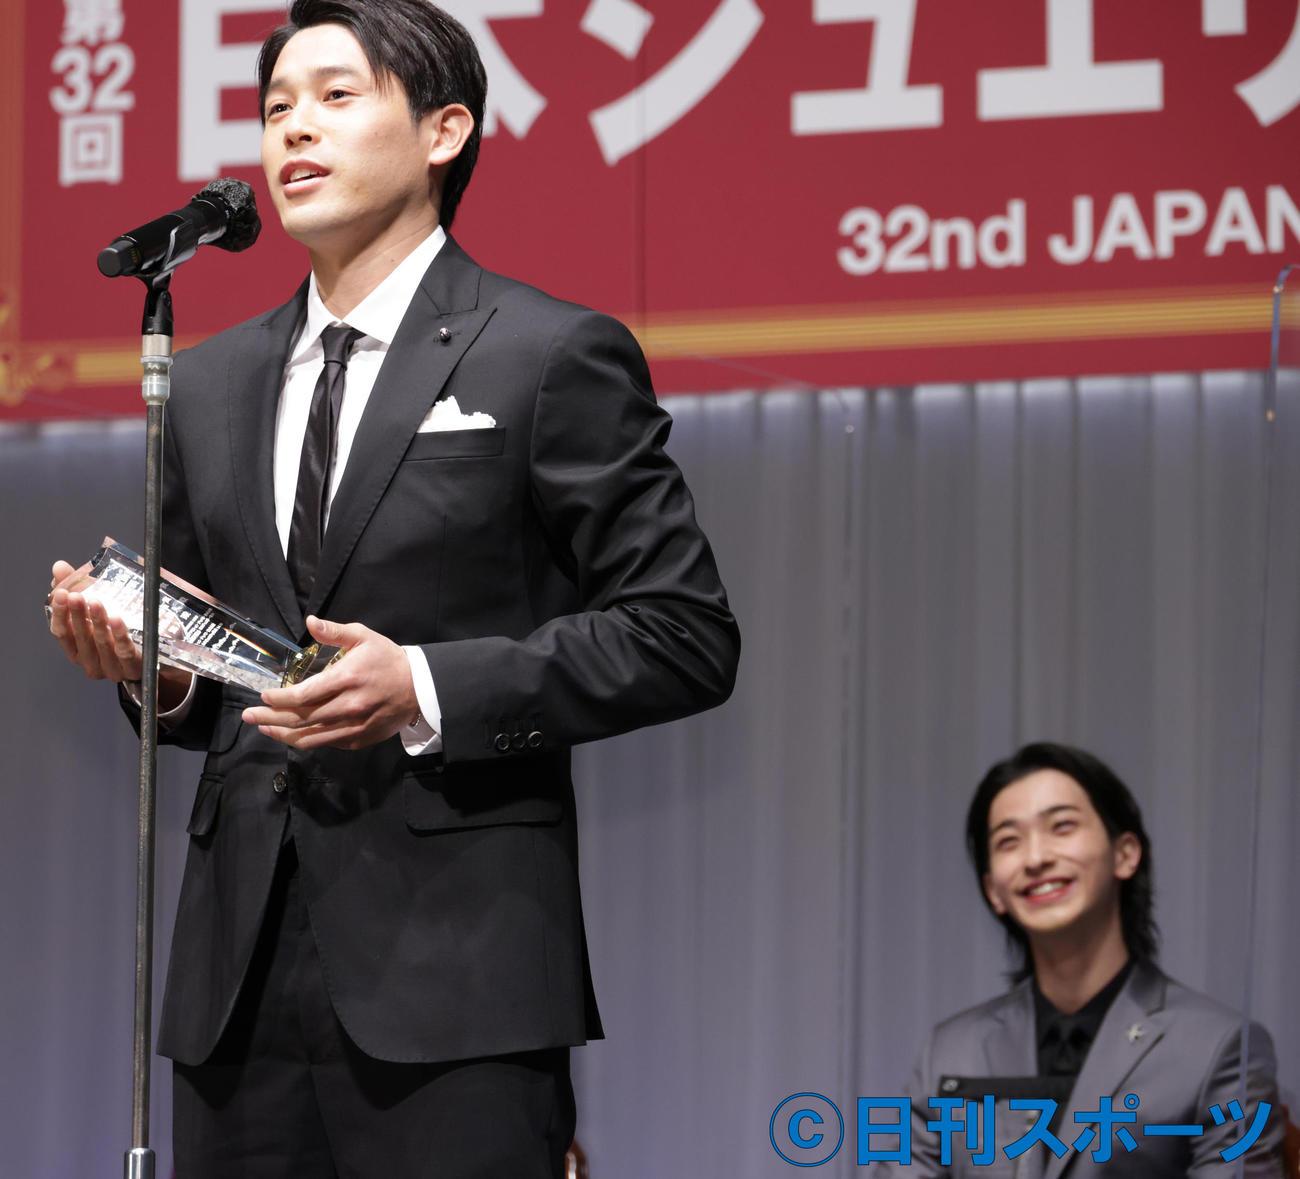 特別賞を受賞した内田篤人氏。右は内田篤人氏のジョークに笑う横浜流星(撮影・中島郁夫)